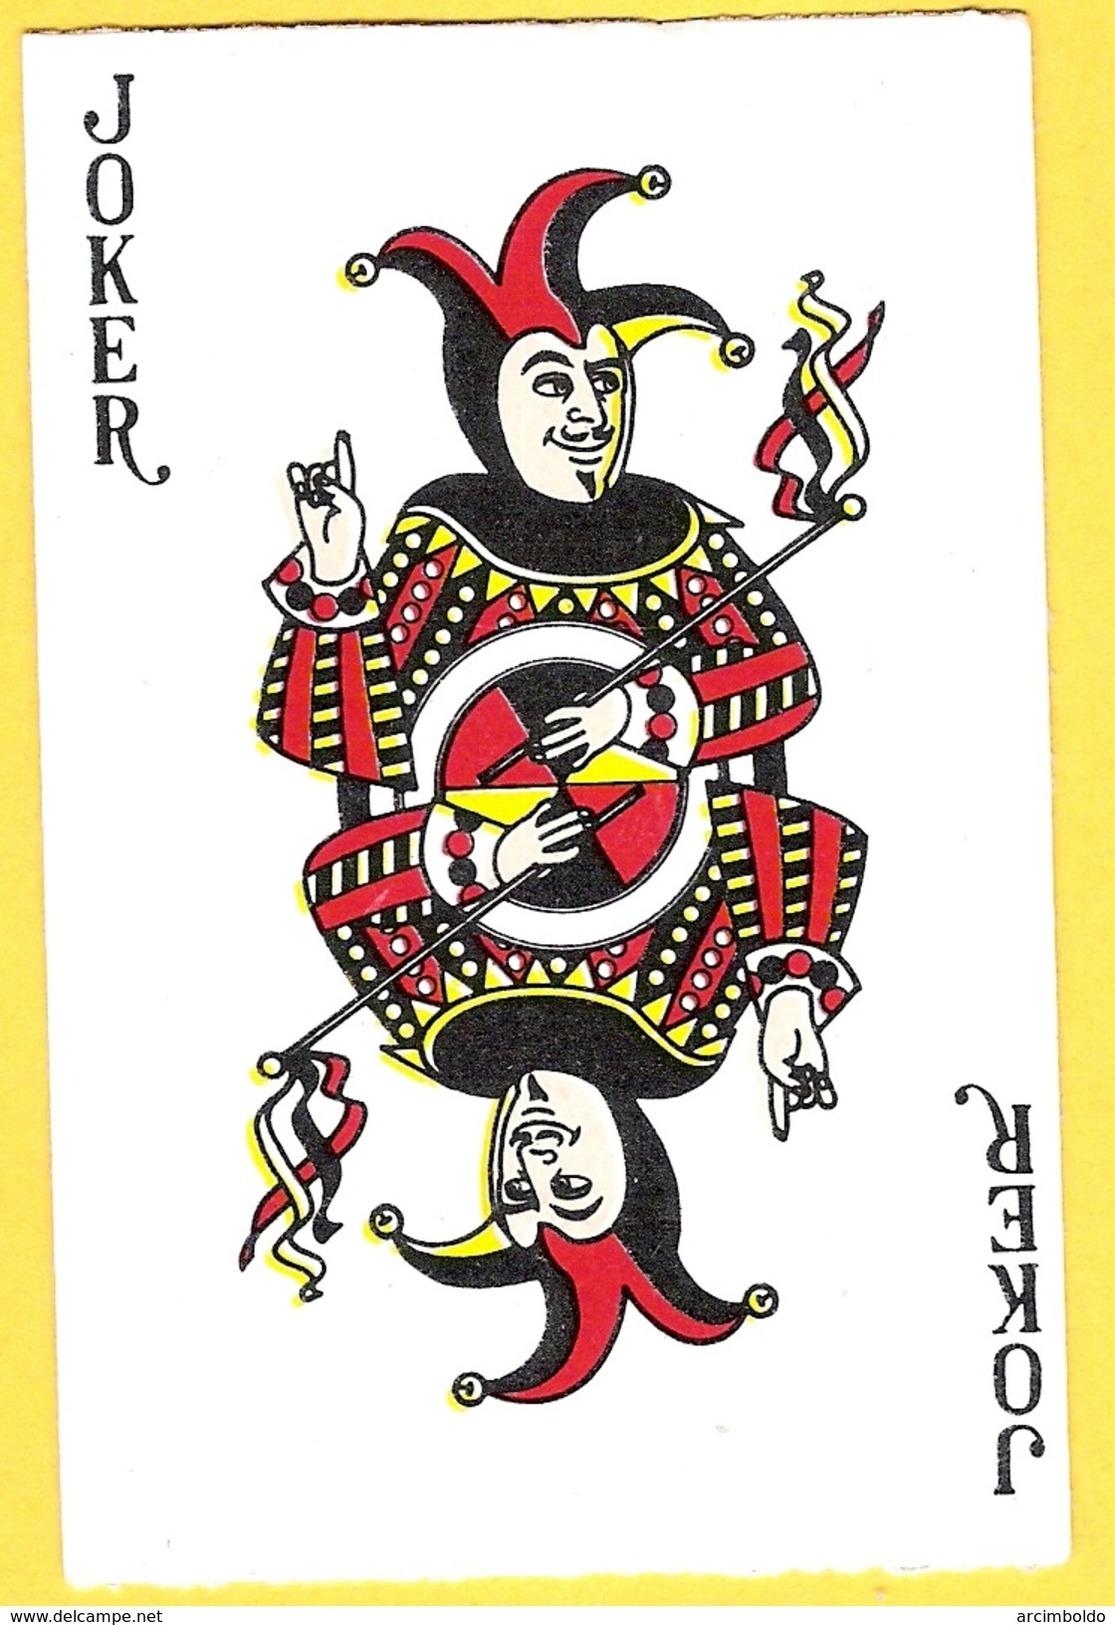 Joker Avec Sceptre Et Index Vers Le Haut - Lettres Noires - Kartenspiele (traditionell)